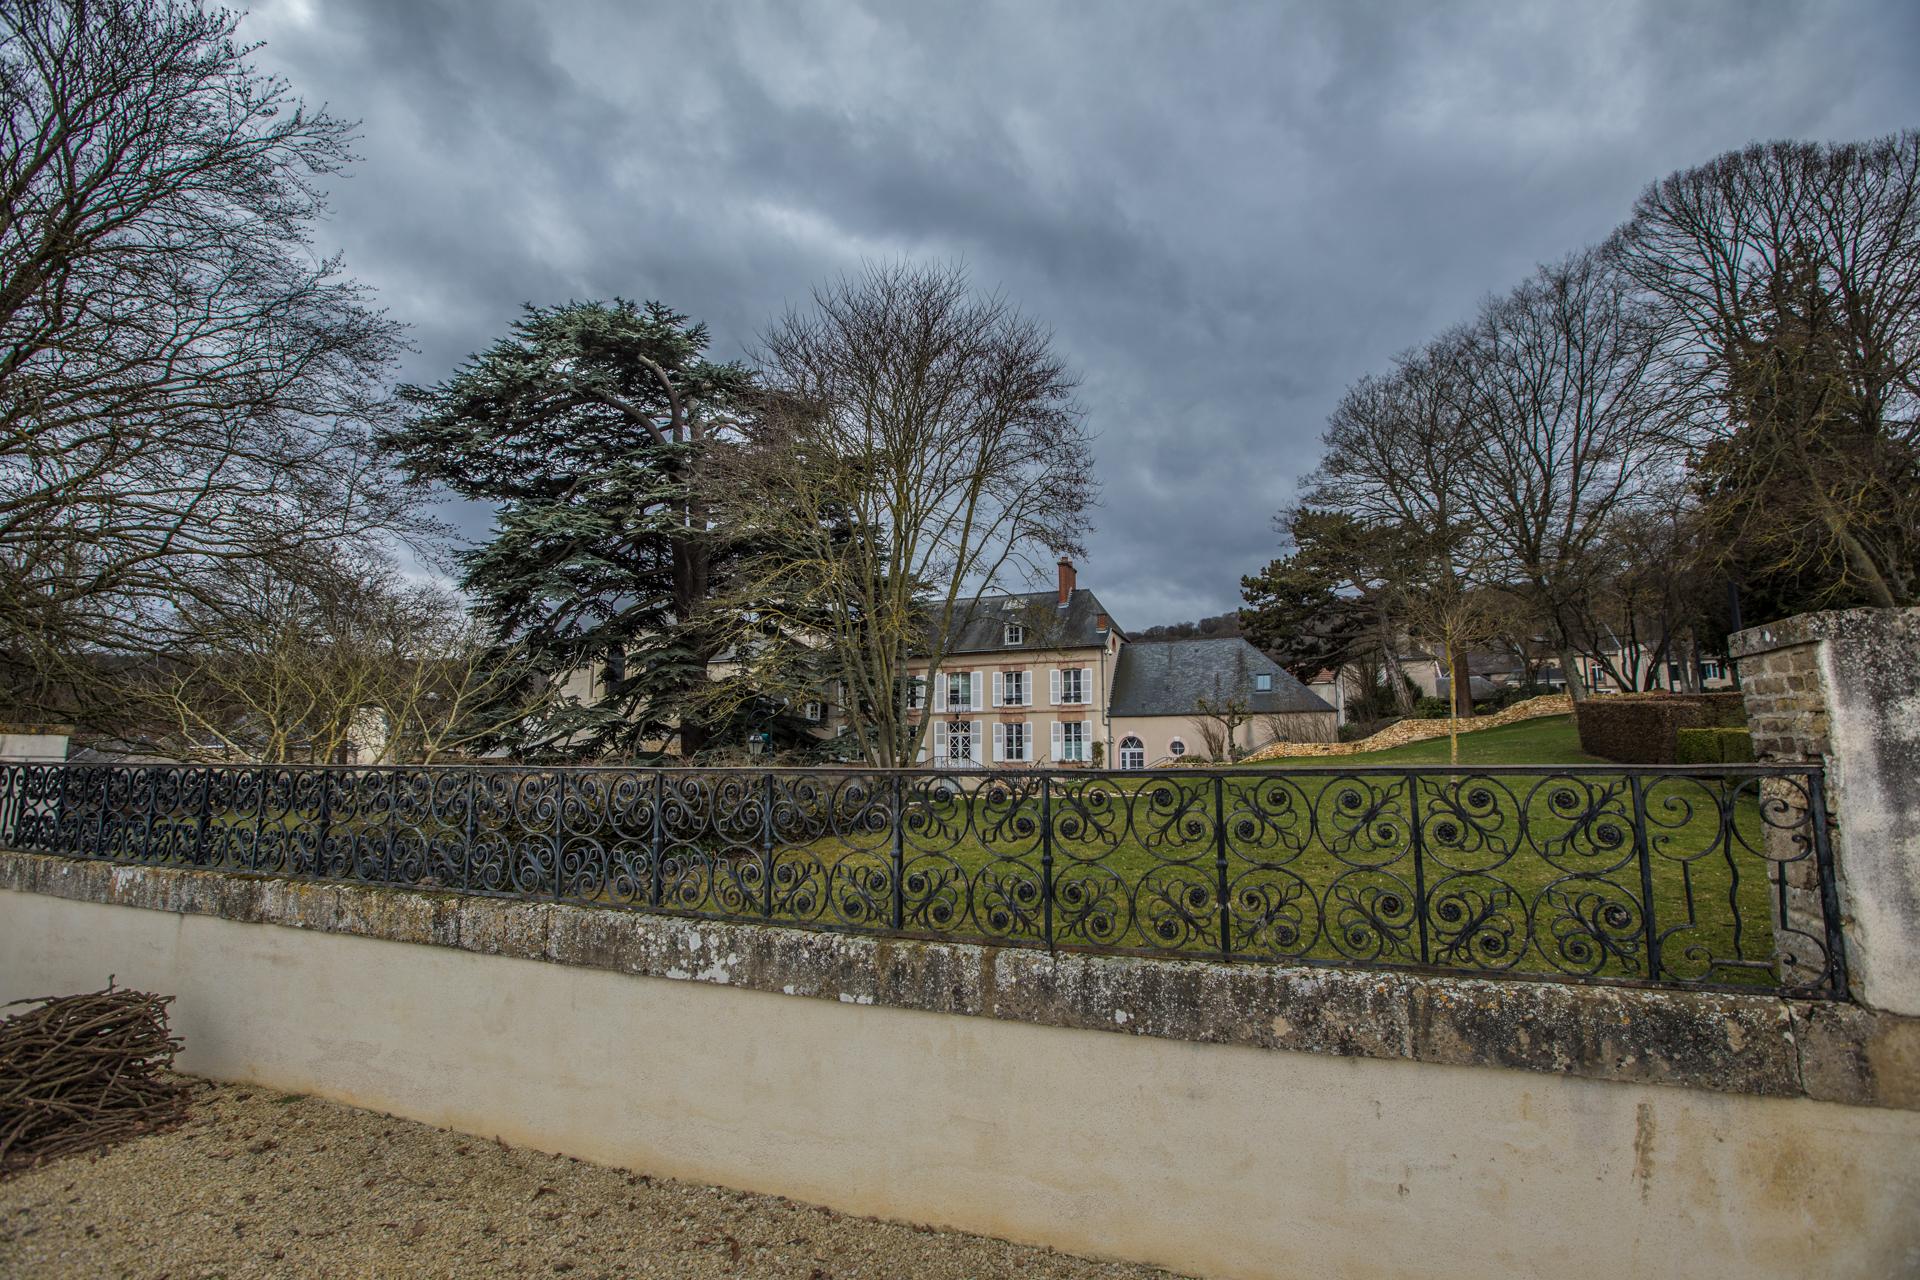 Exterieur Manoir de Verzy almaphotos-1556-web.jpg